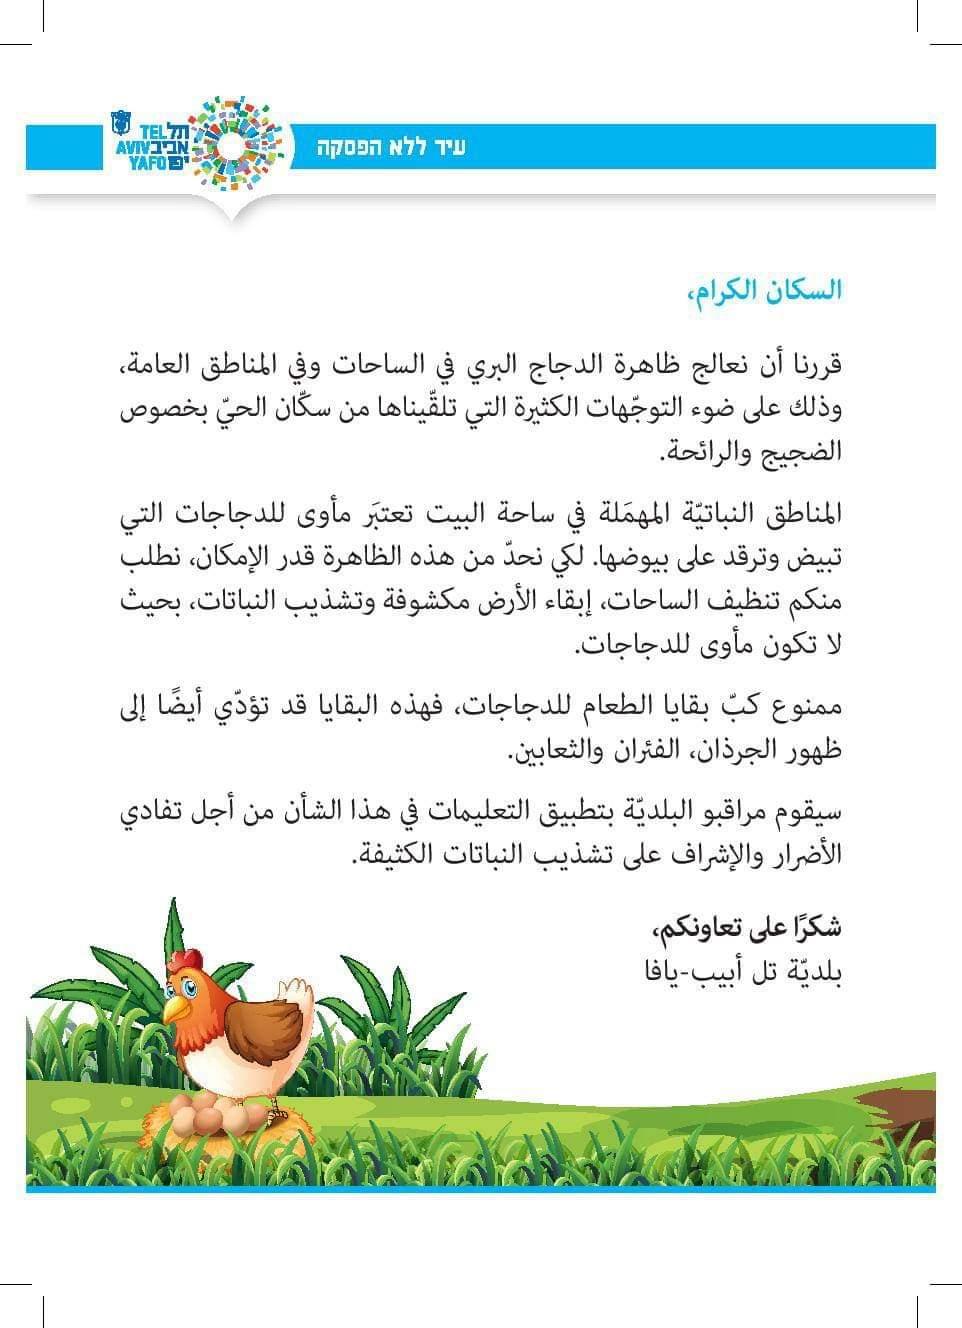 يافا: البلدية تعثر على عدوها الجديد وتقرر محاربة الدجاج والديوك بالمدينة